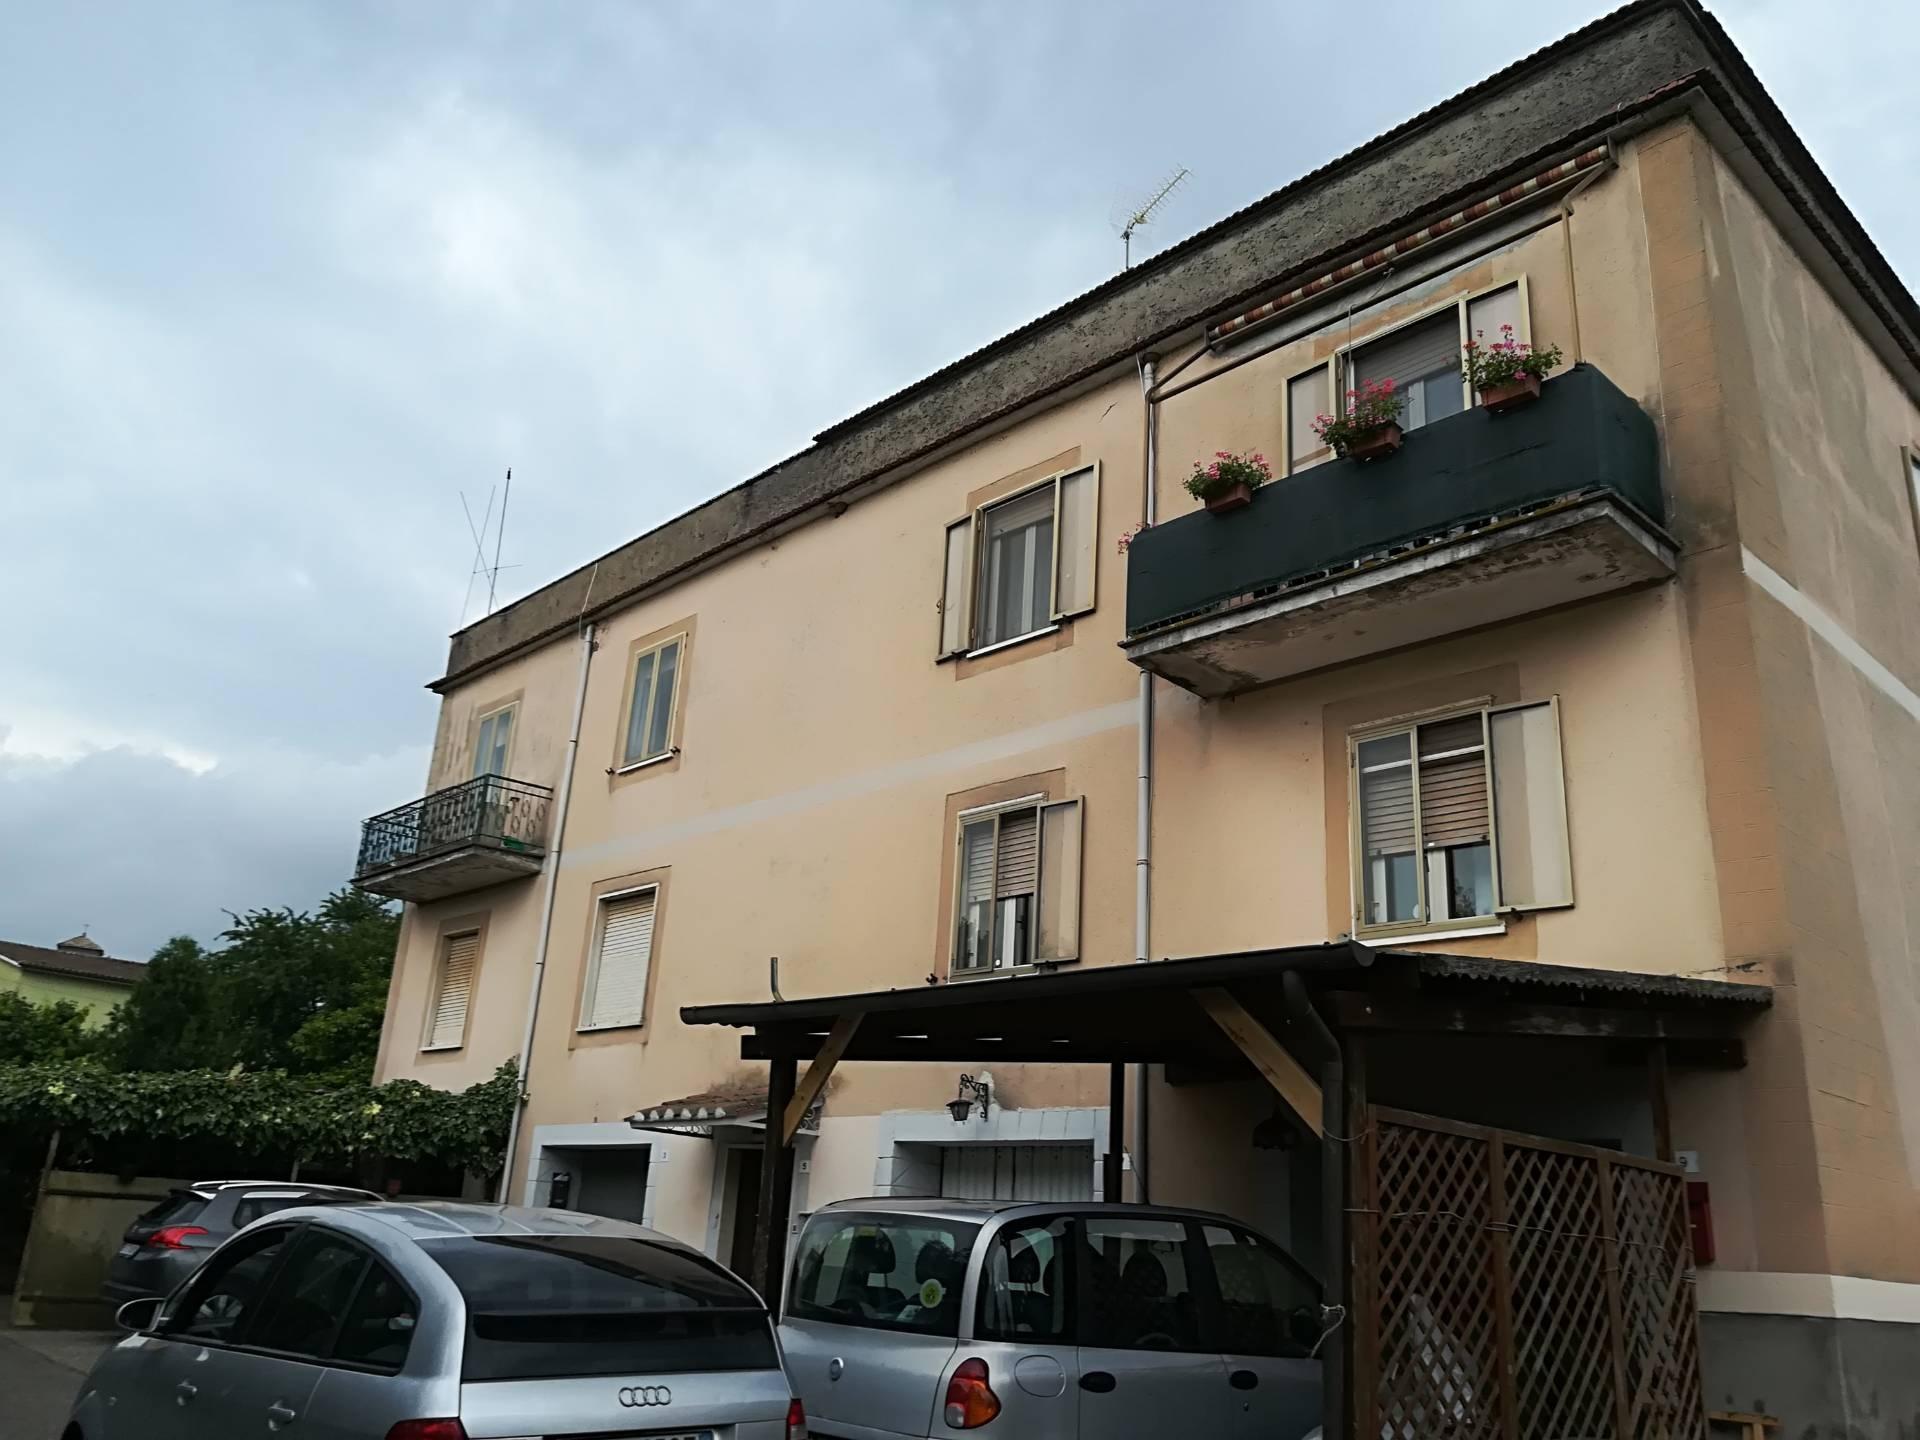 Appartamento in vendita a Vitorchiano, 3 locali, zona Località: Vitorchiano, prezzo € 105.000 | CambioCasa.it